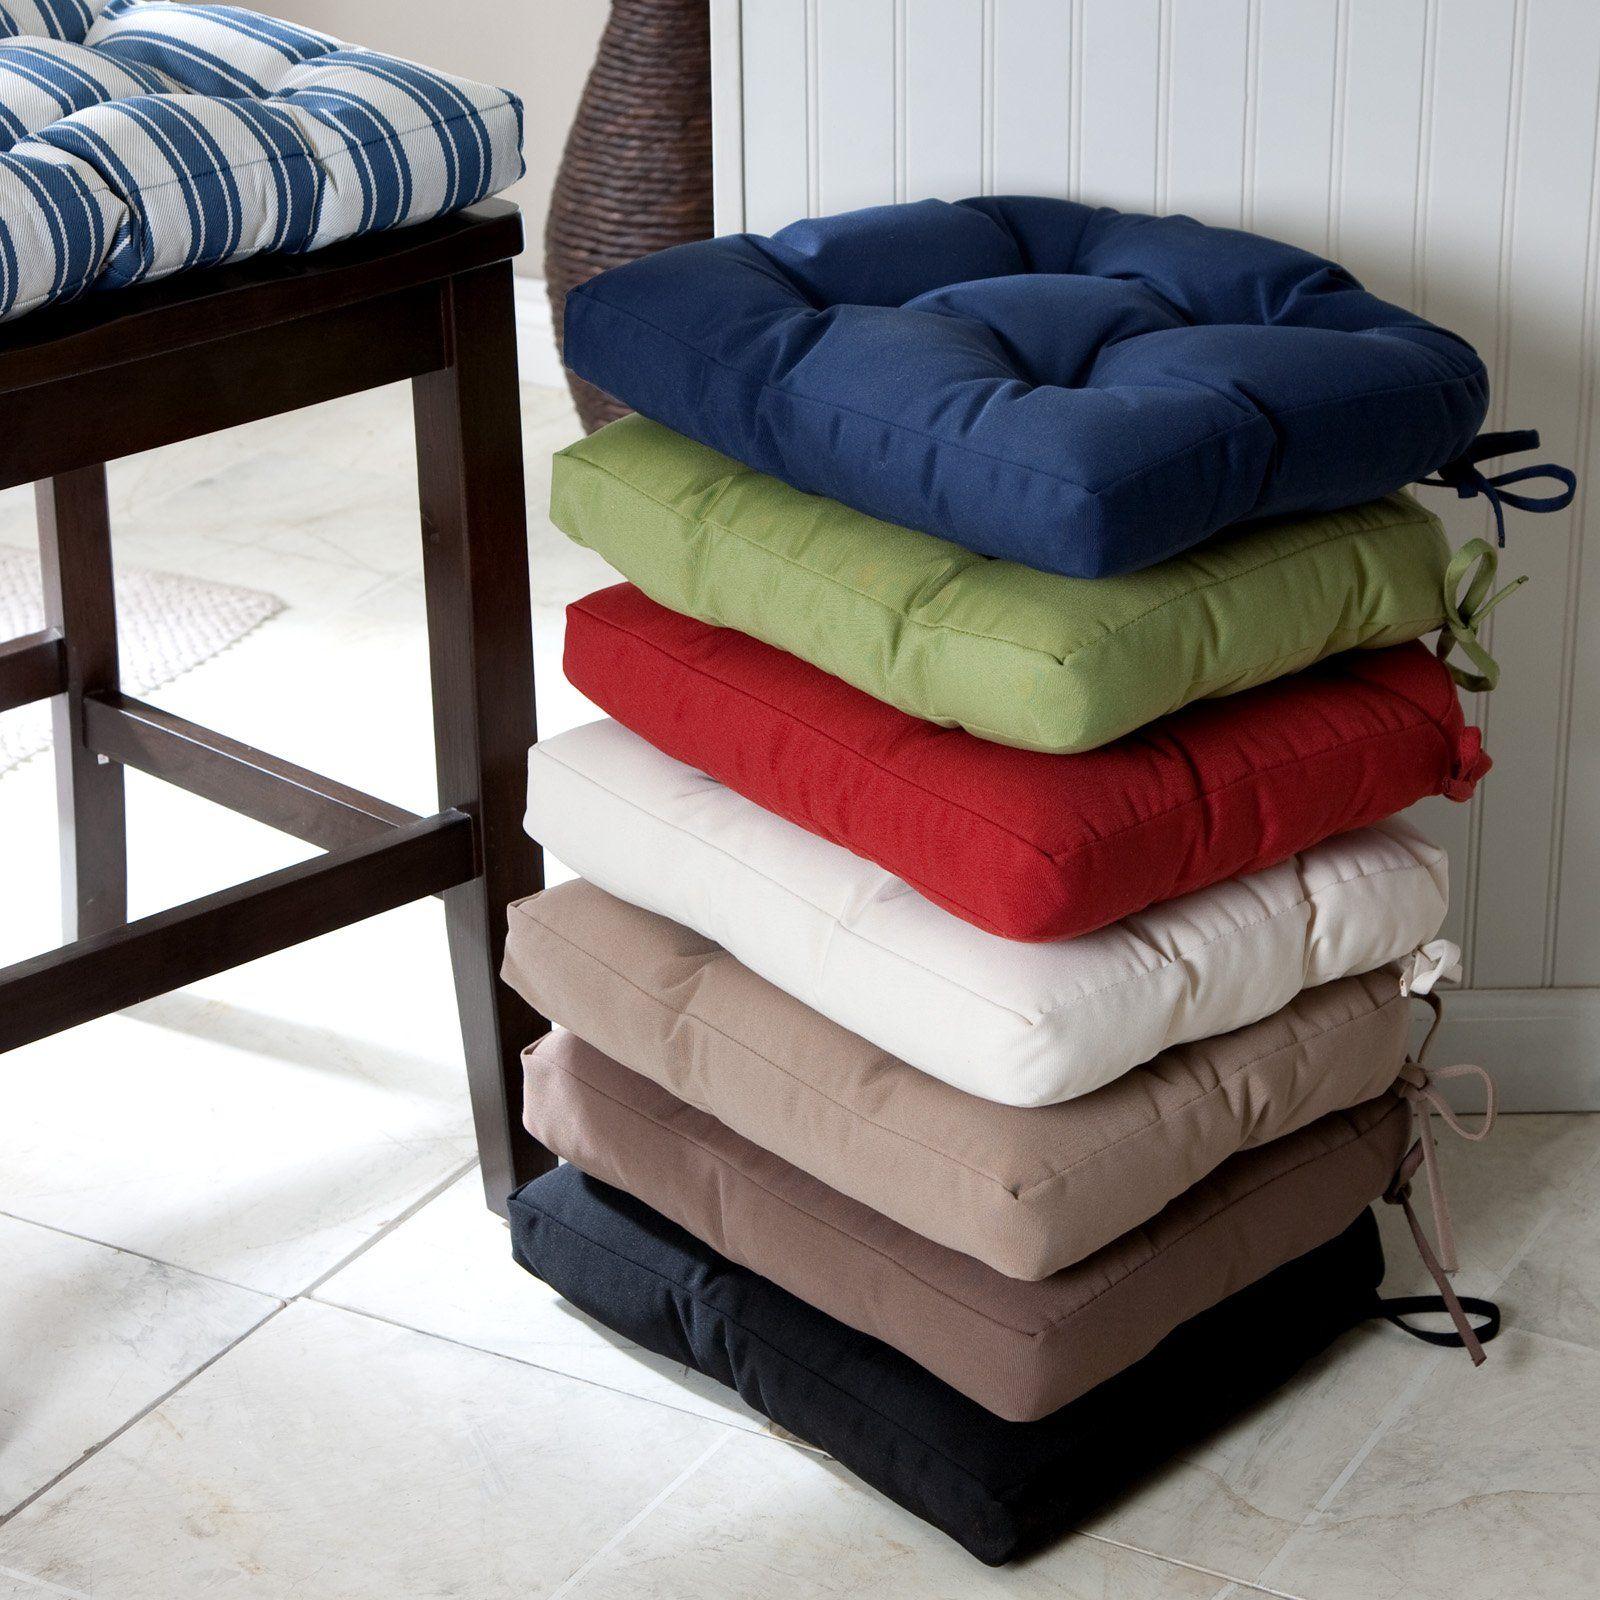 Deauville 8 x 8 in. Tufted Kitchen Chair Cushion  Kitchen chair